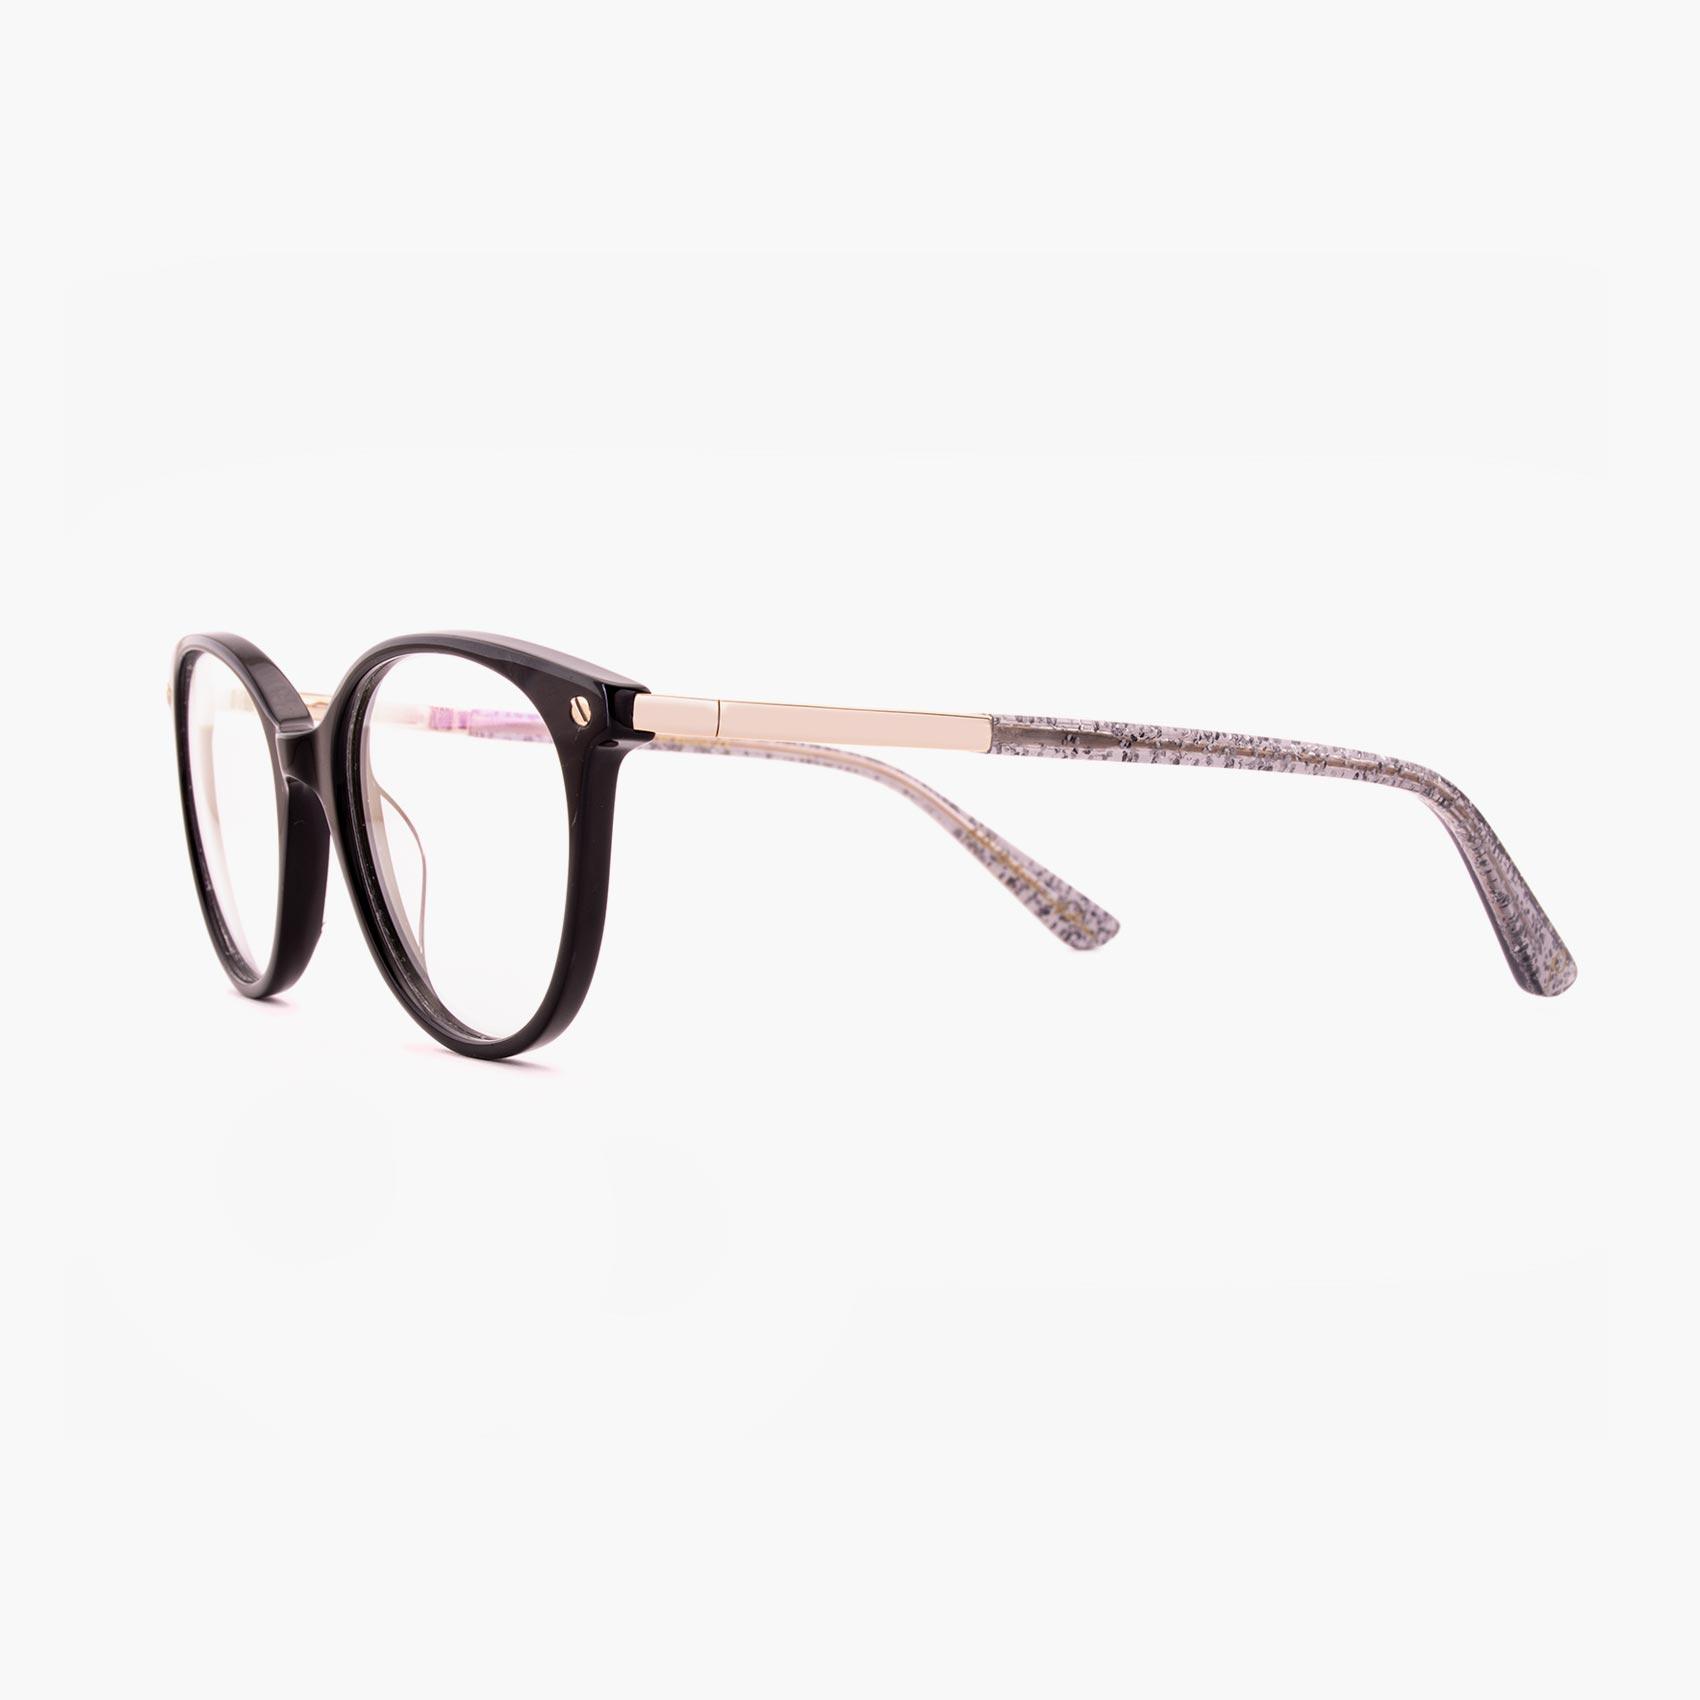 Proud eyewear Charlize C1 L montura gafas mujer negras